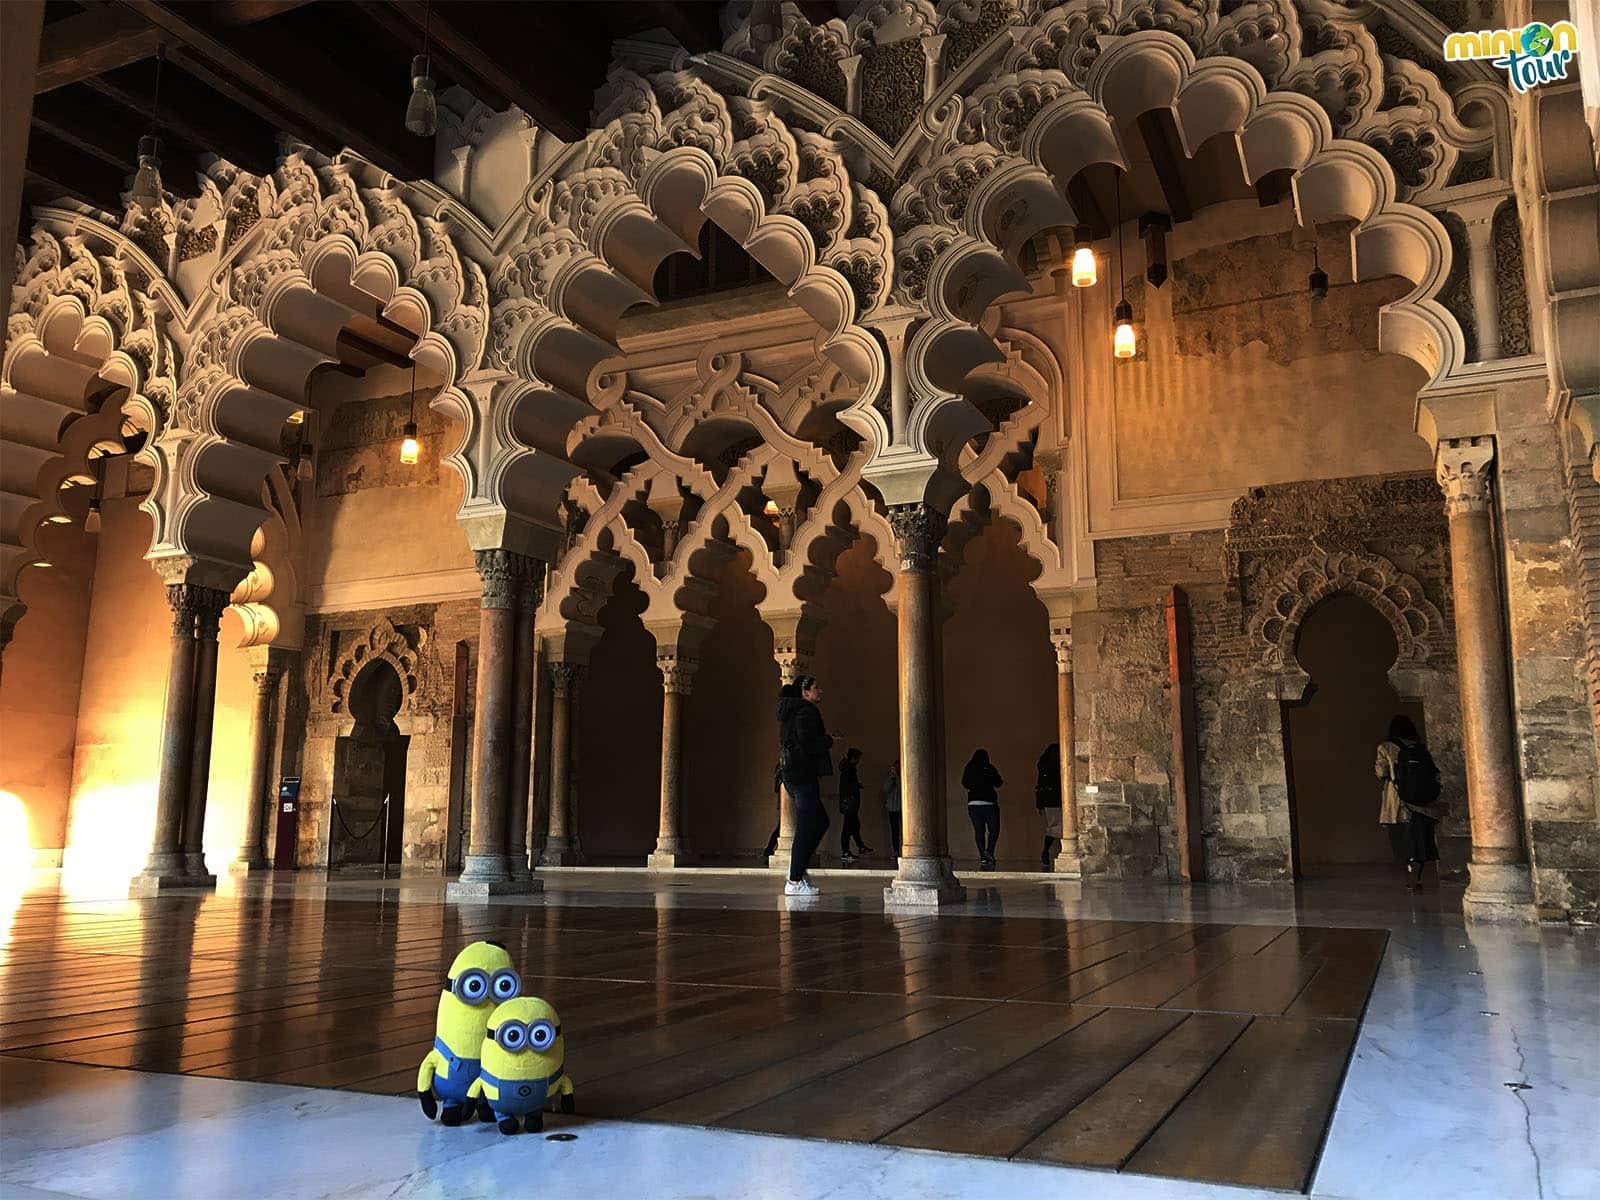 El Palacio de la Aljafería, una de las cosas que tienes que ver en Zaragoza